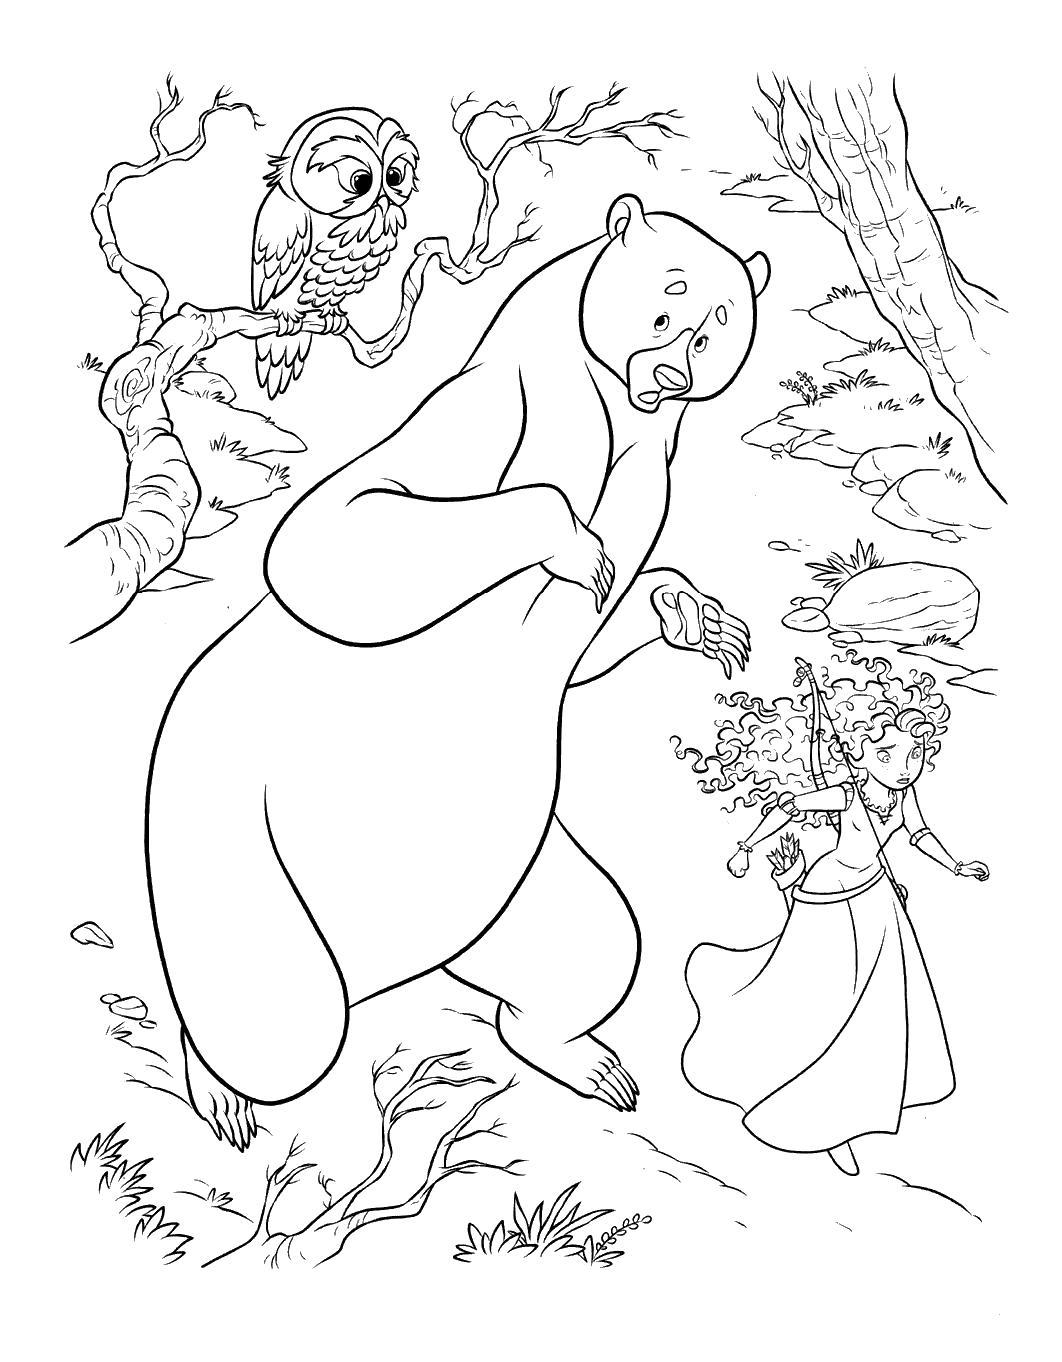 Принцесса с мамой ищут укрытие Раскраски для девочек скачать